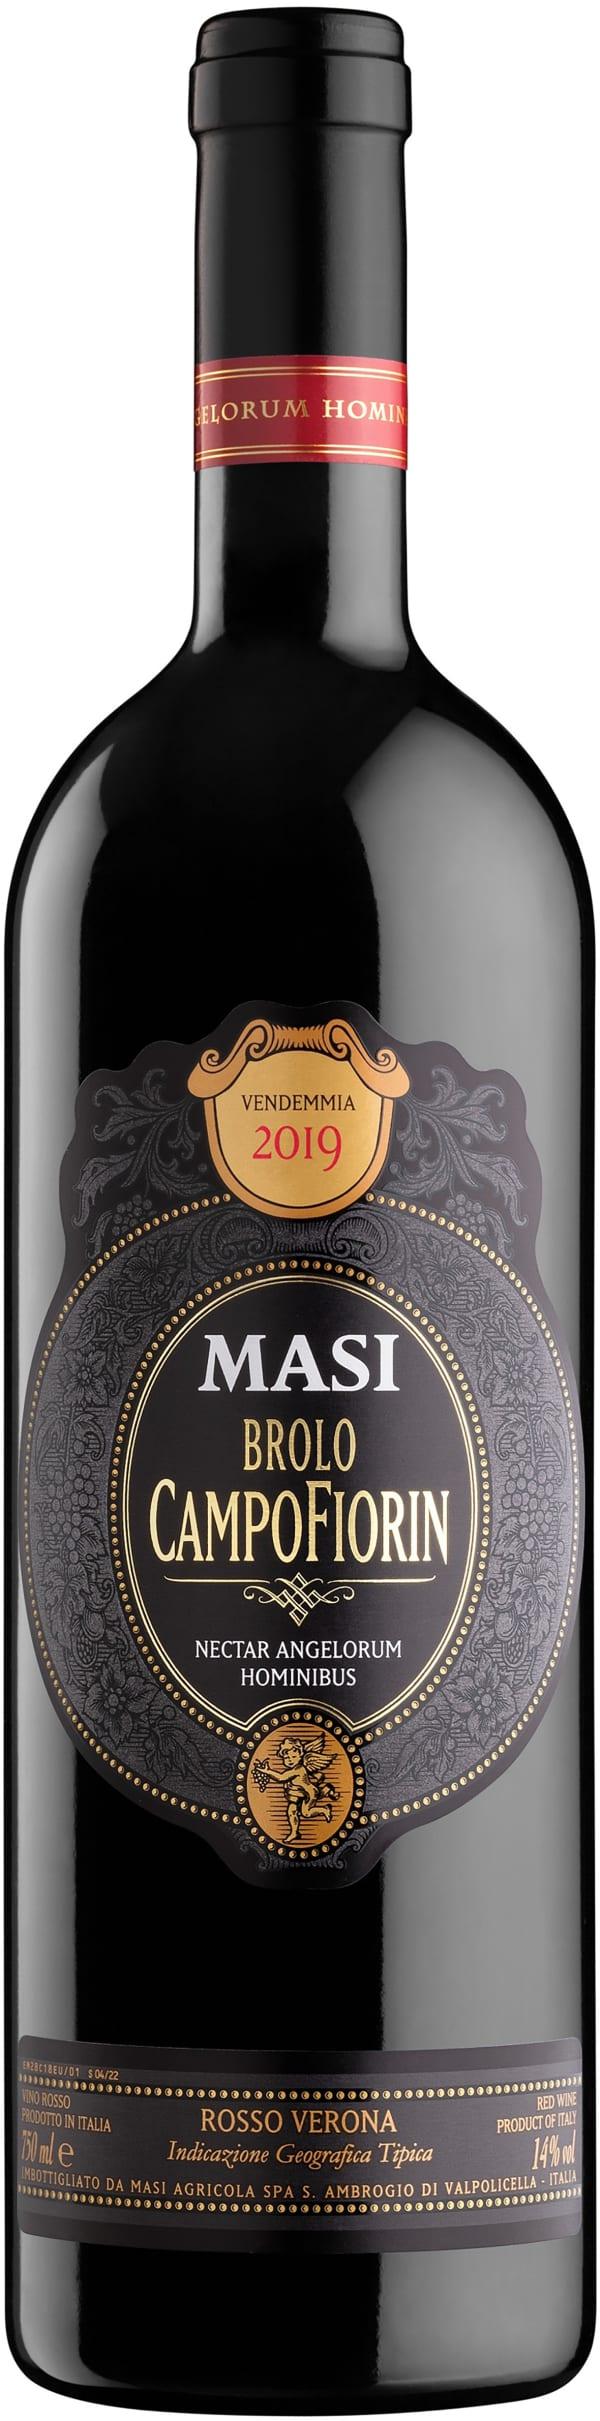 Masi Brolo Campofiorin Oro 2013